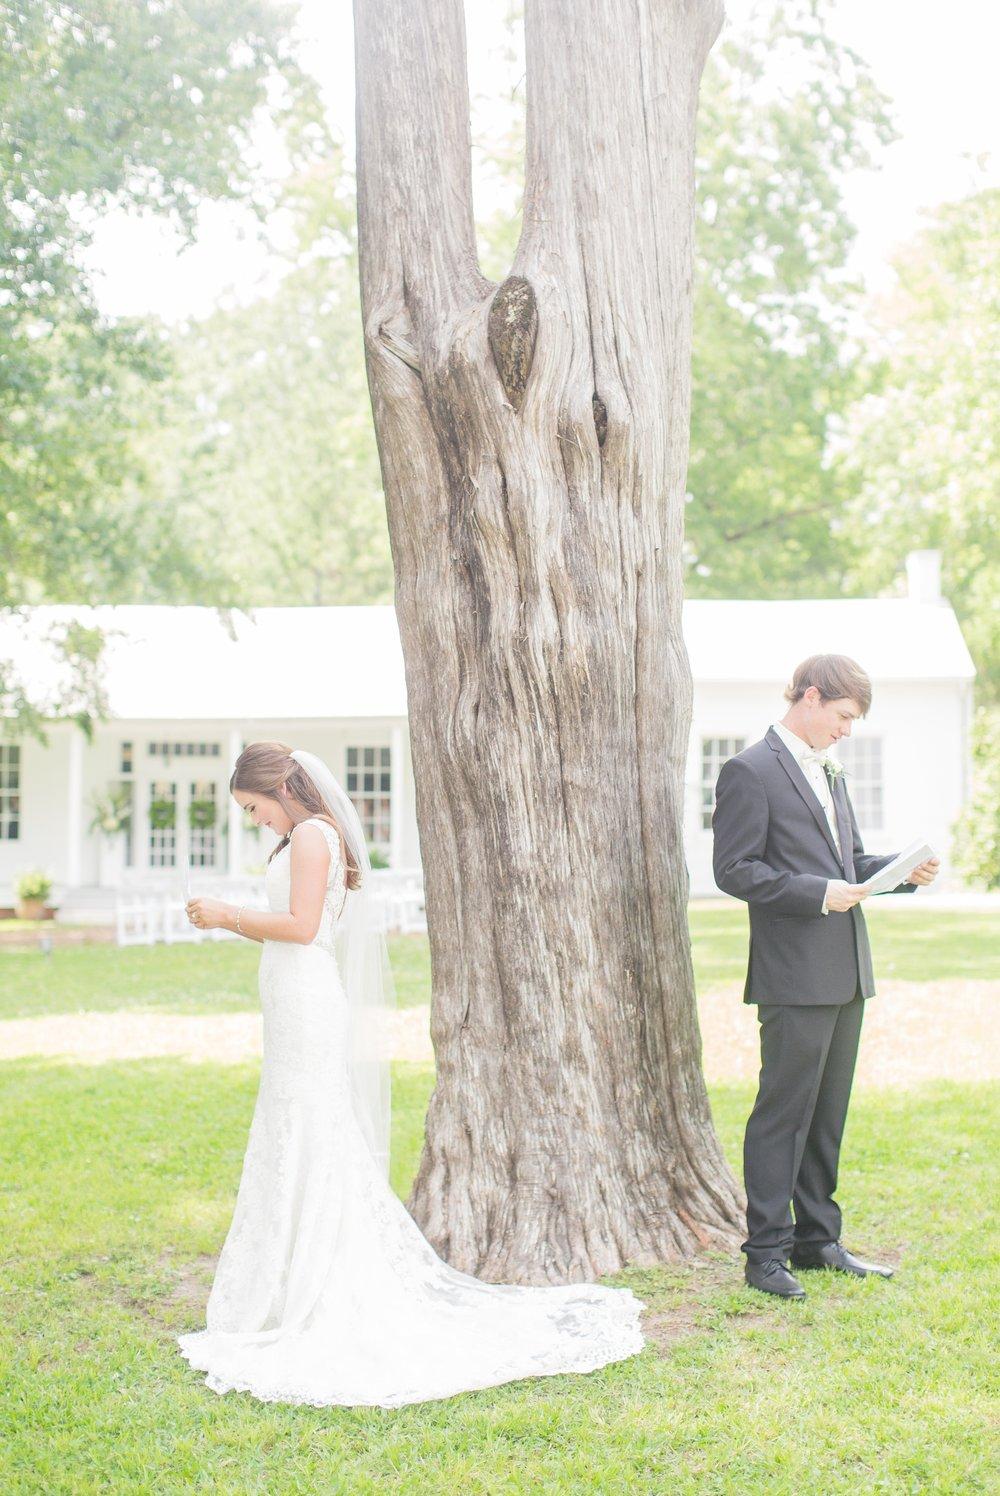 mississippi-wedding-at-the-cedars 17.jpg